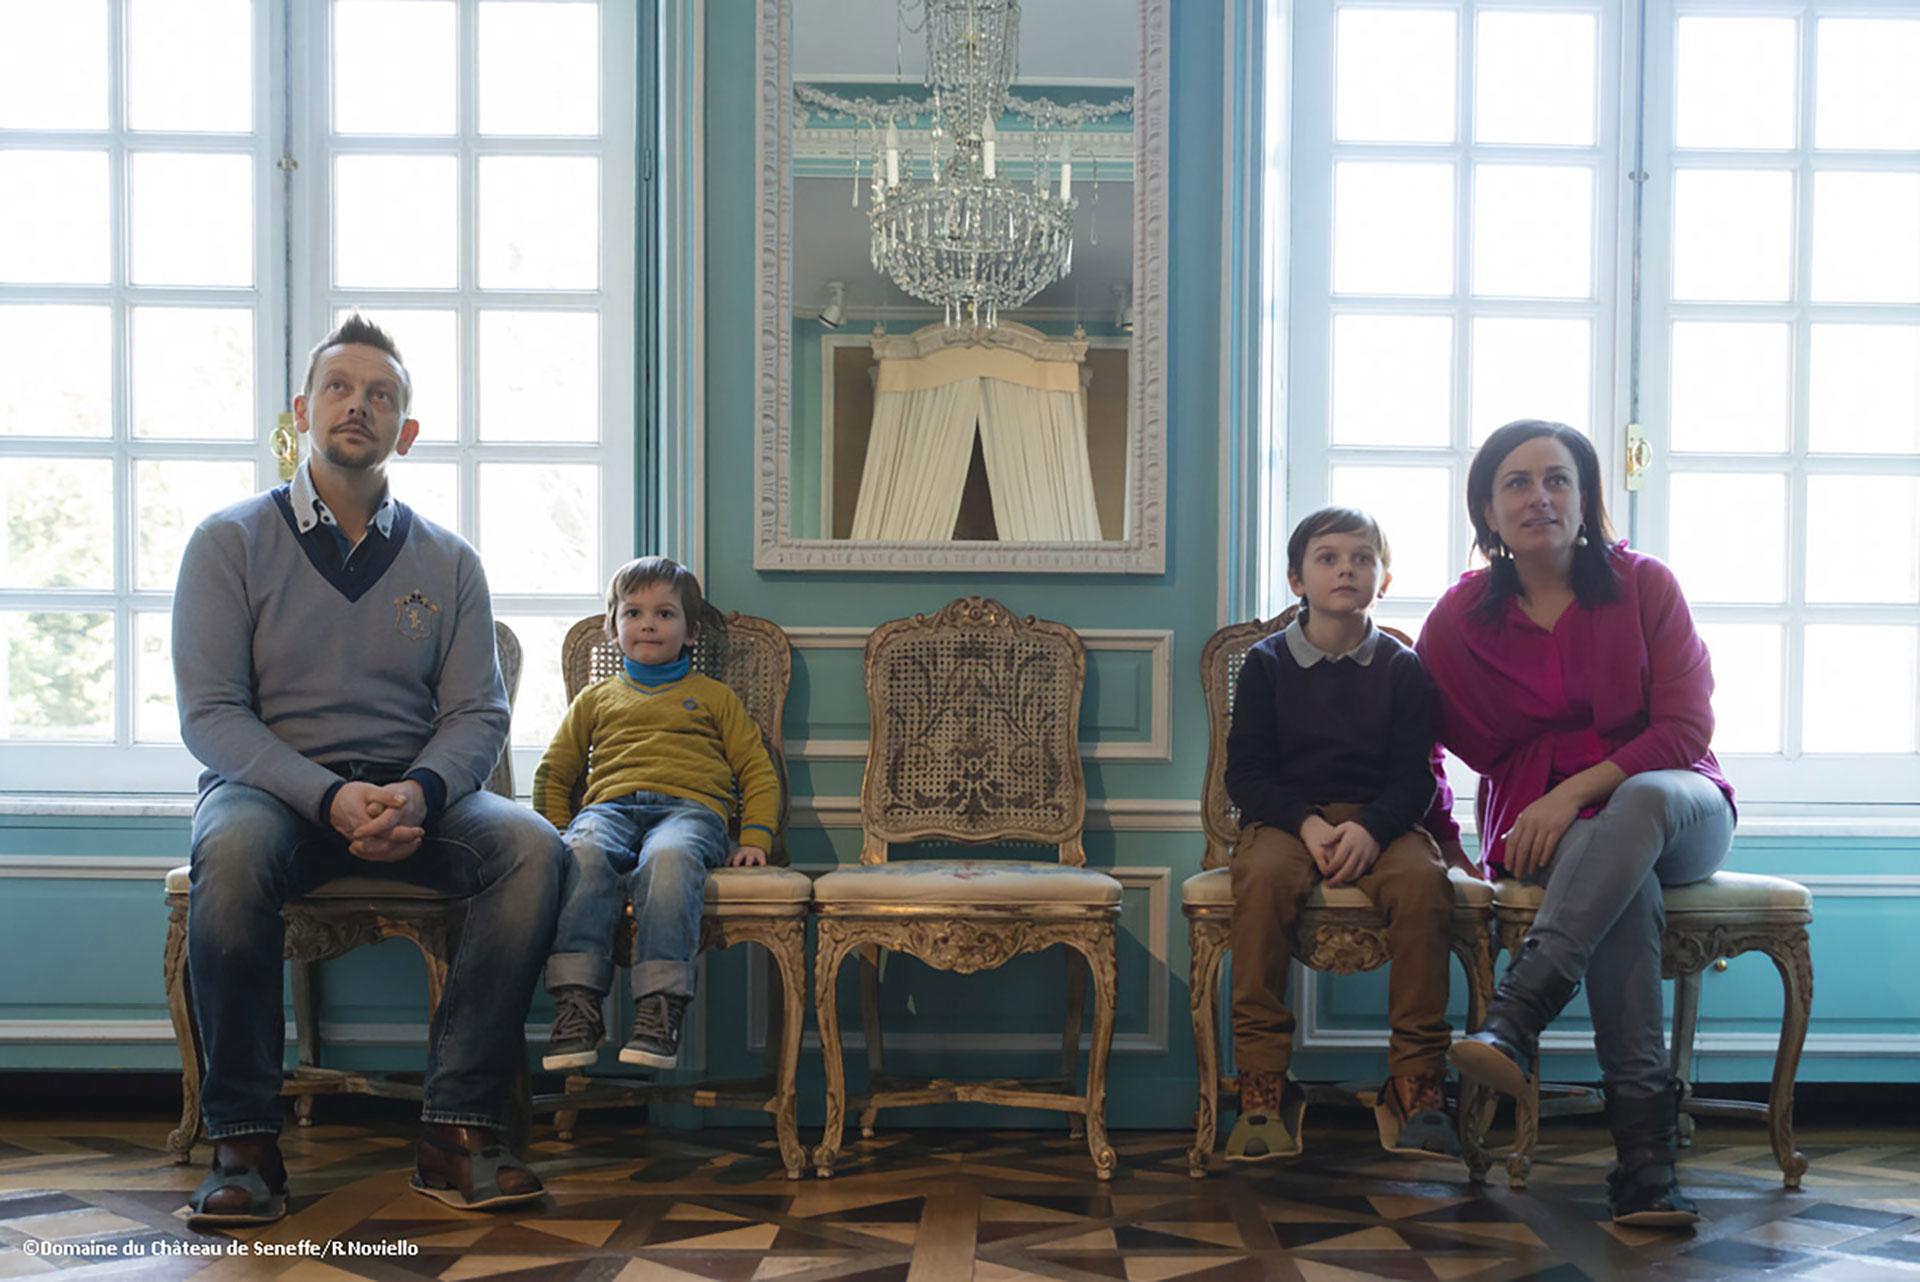 LDomaine - Château de Seneffe - musée - Orfèvrerie - intérieur